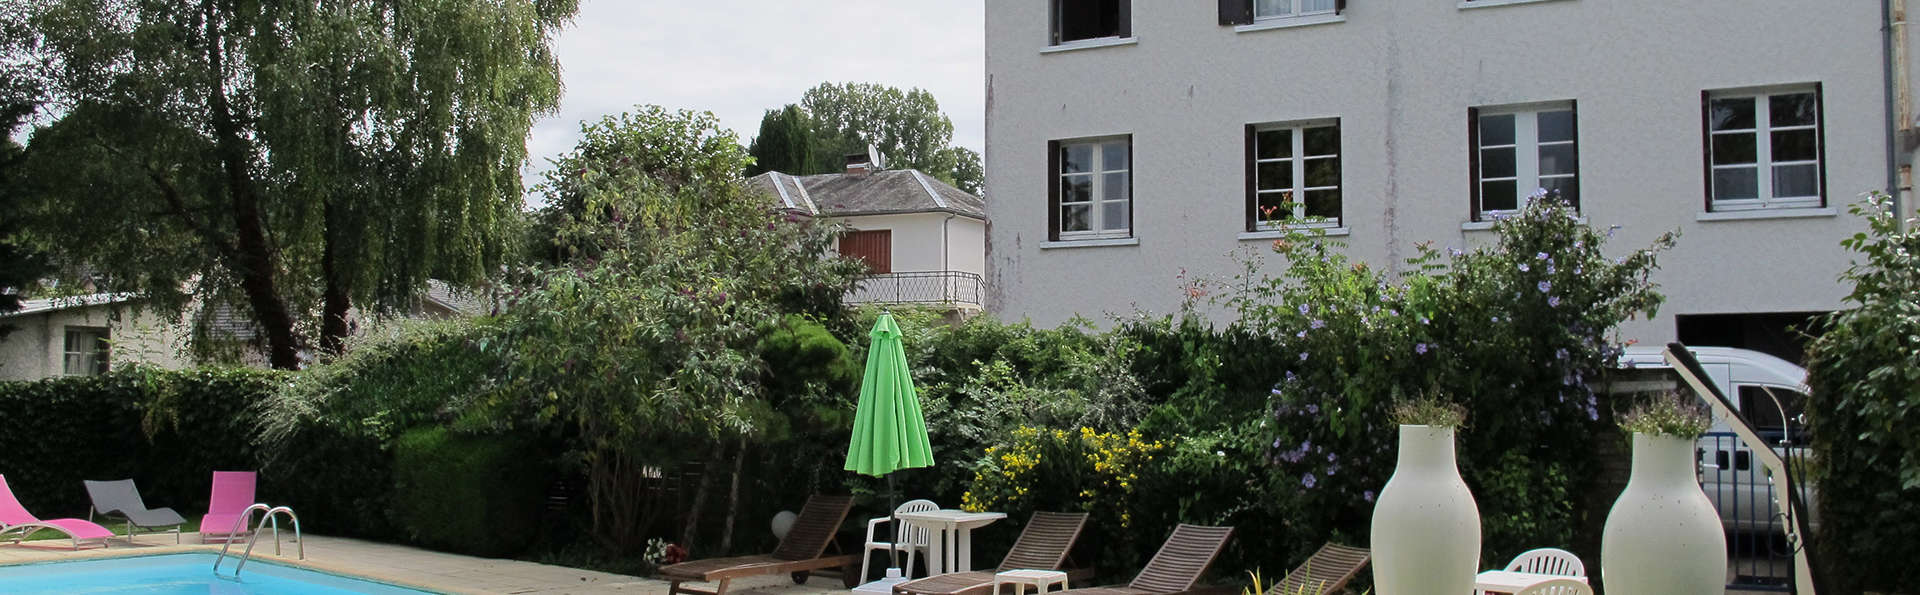 Hôtel Deshors-Foujanet - EDIT_pool.jpg